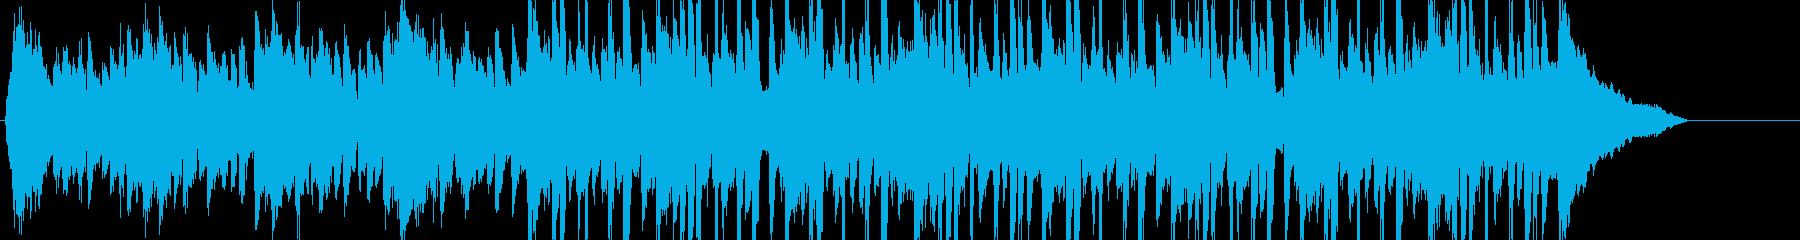 無主張で映像やナレを活かすギターポップ1の再生済みの波形